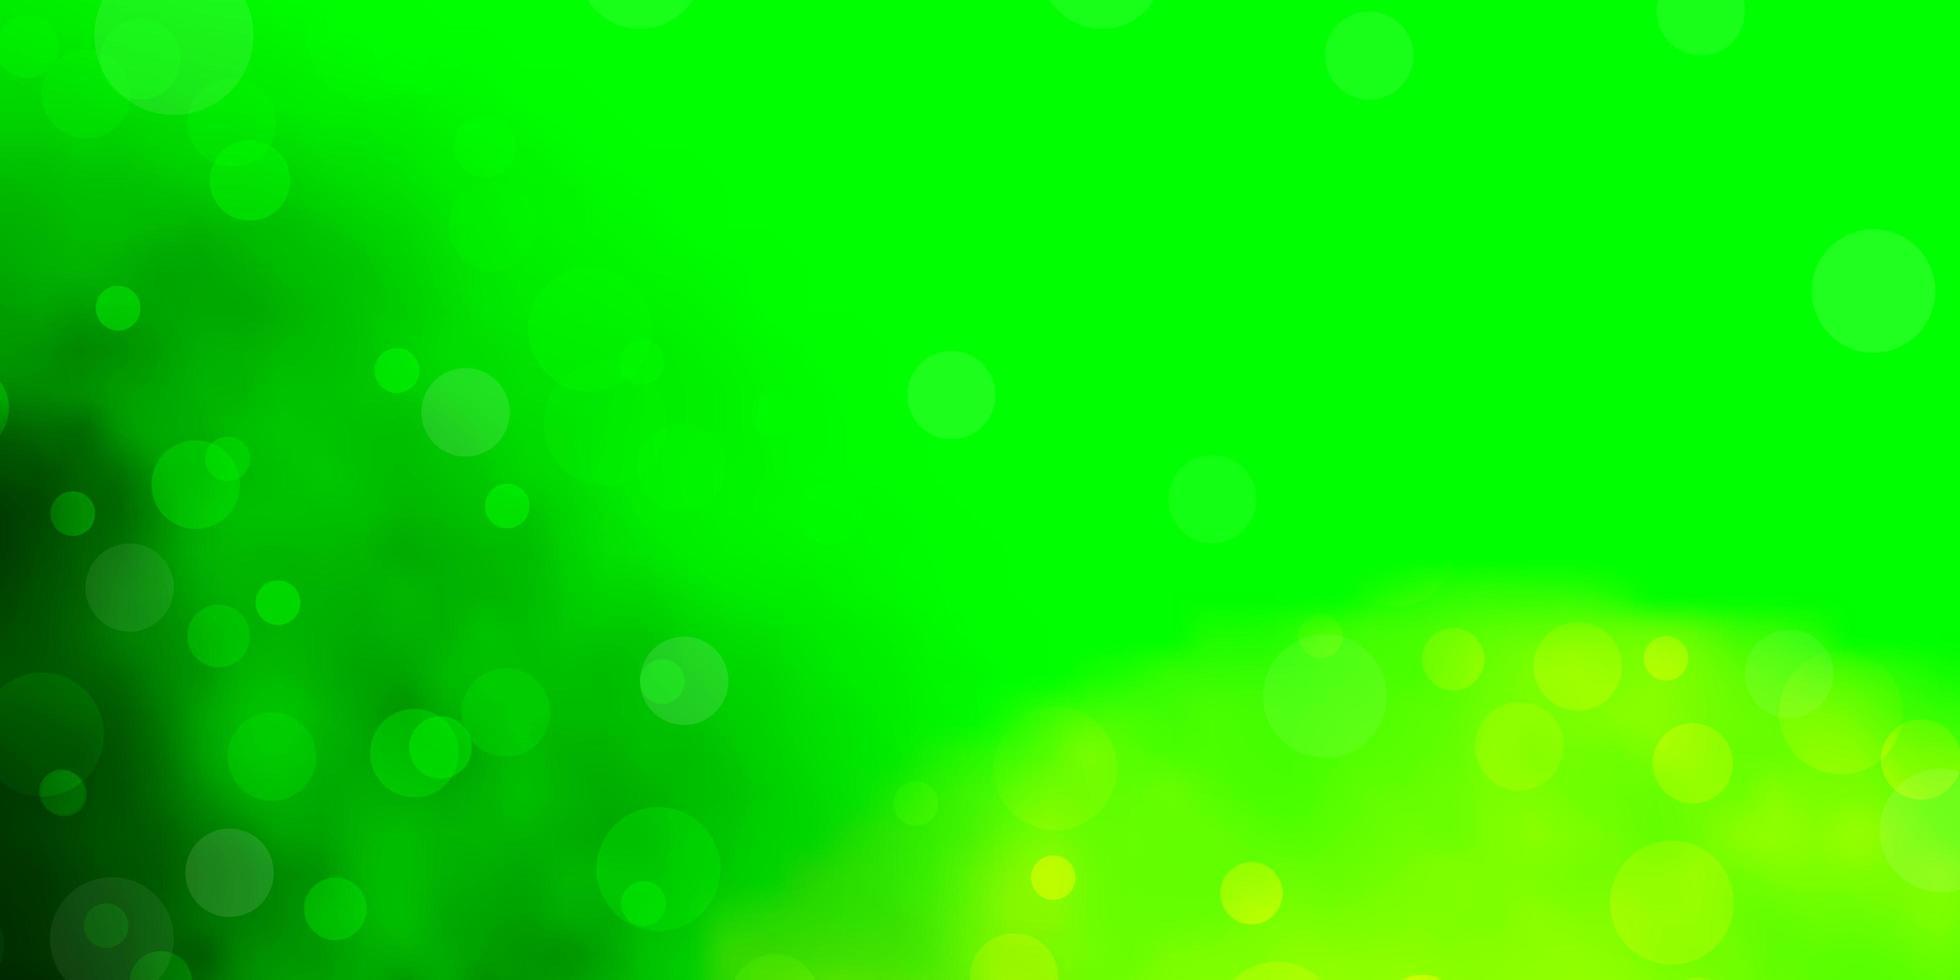 lichtgroene vector achtergrond met bubbels.